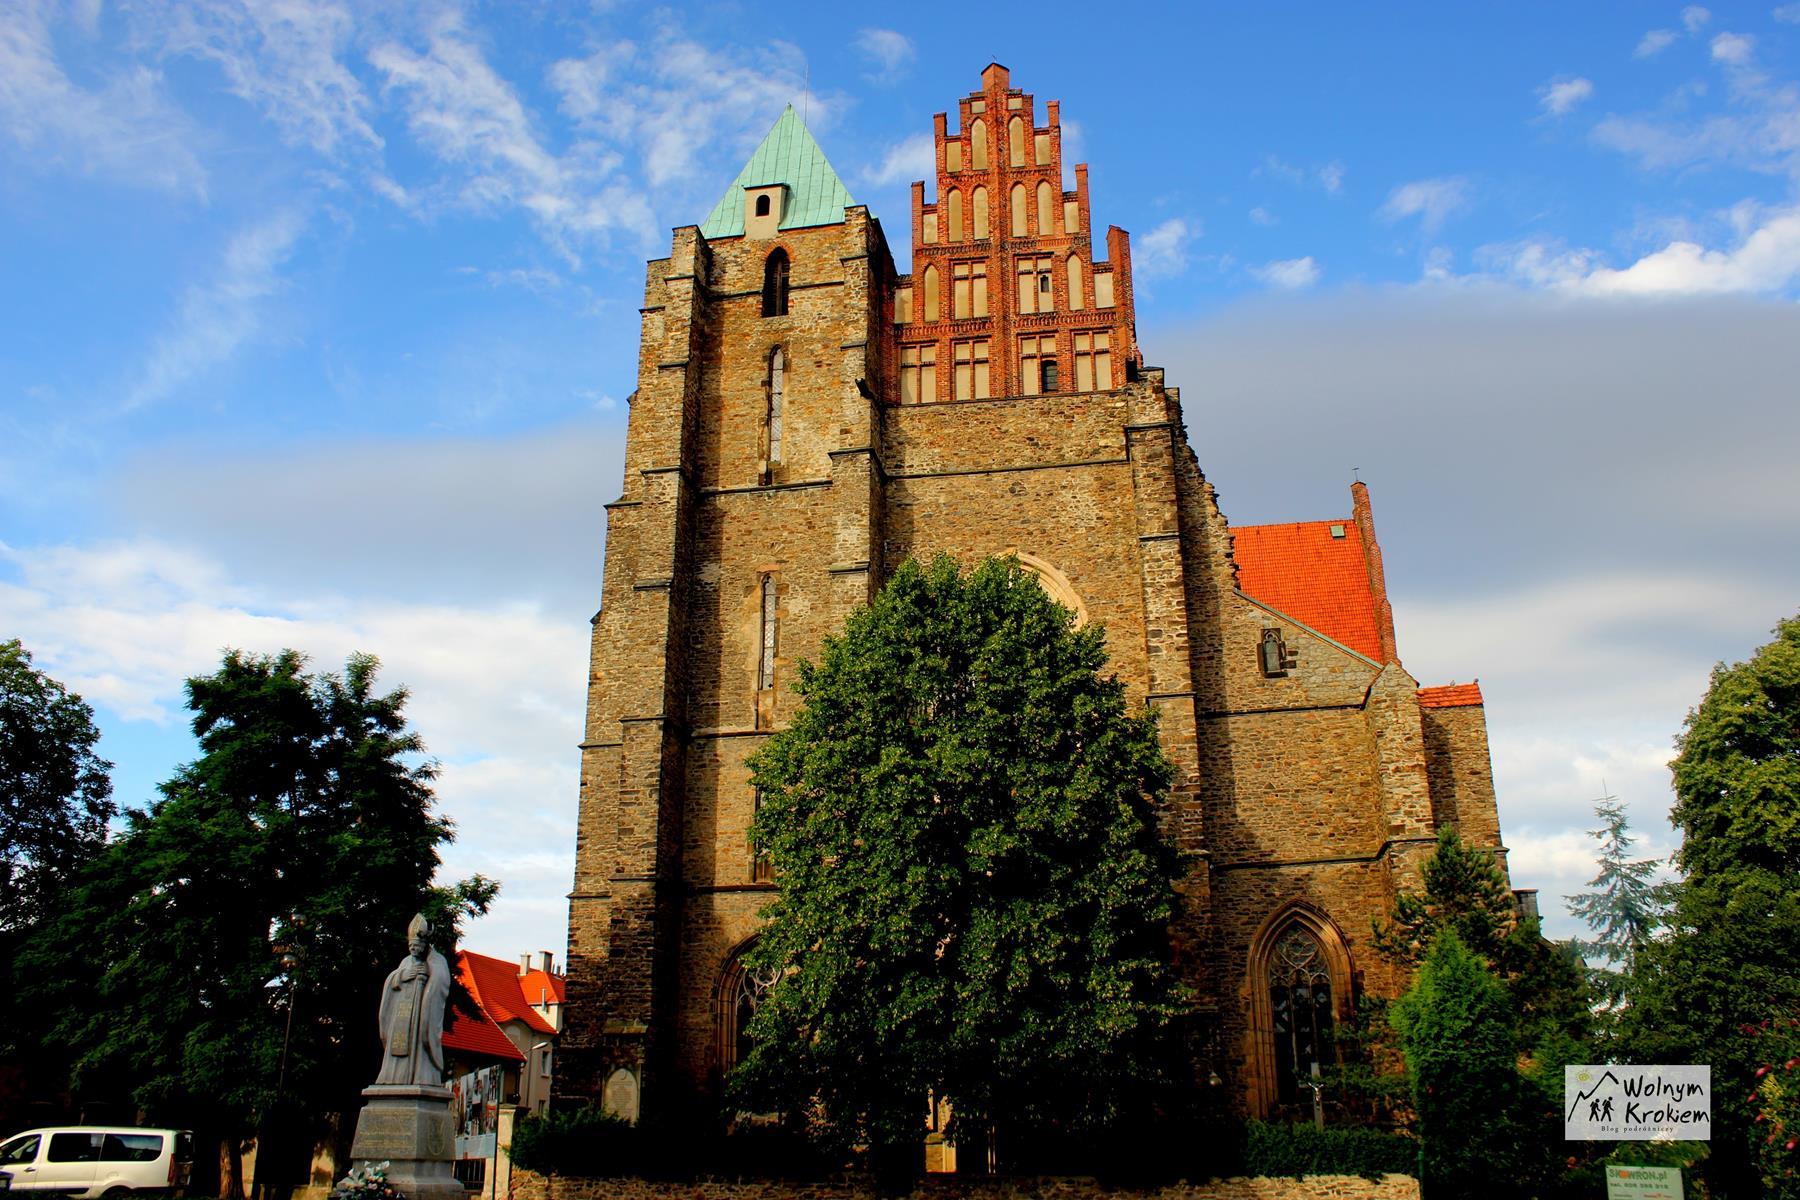 Katedra w strzegomiu najstarszy dzwon w Polsce